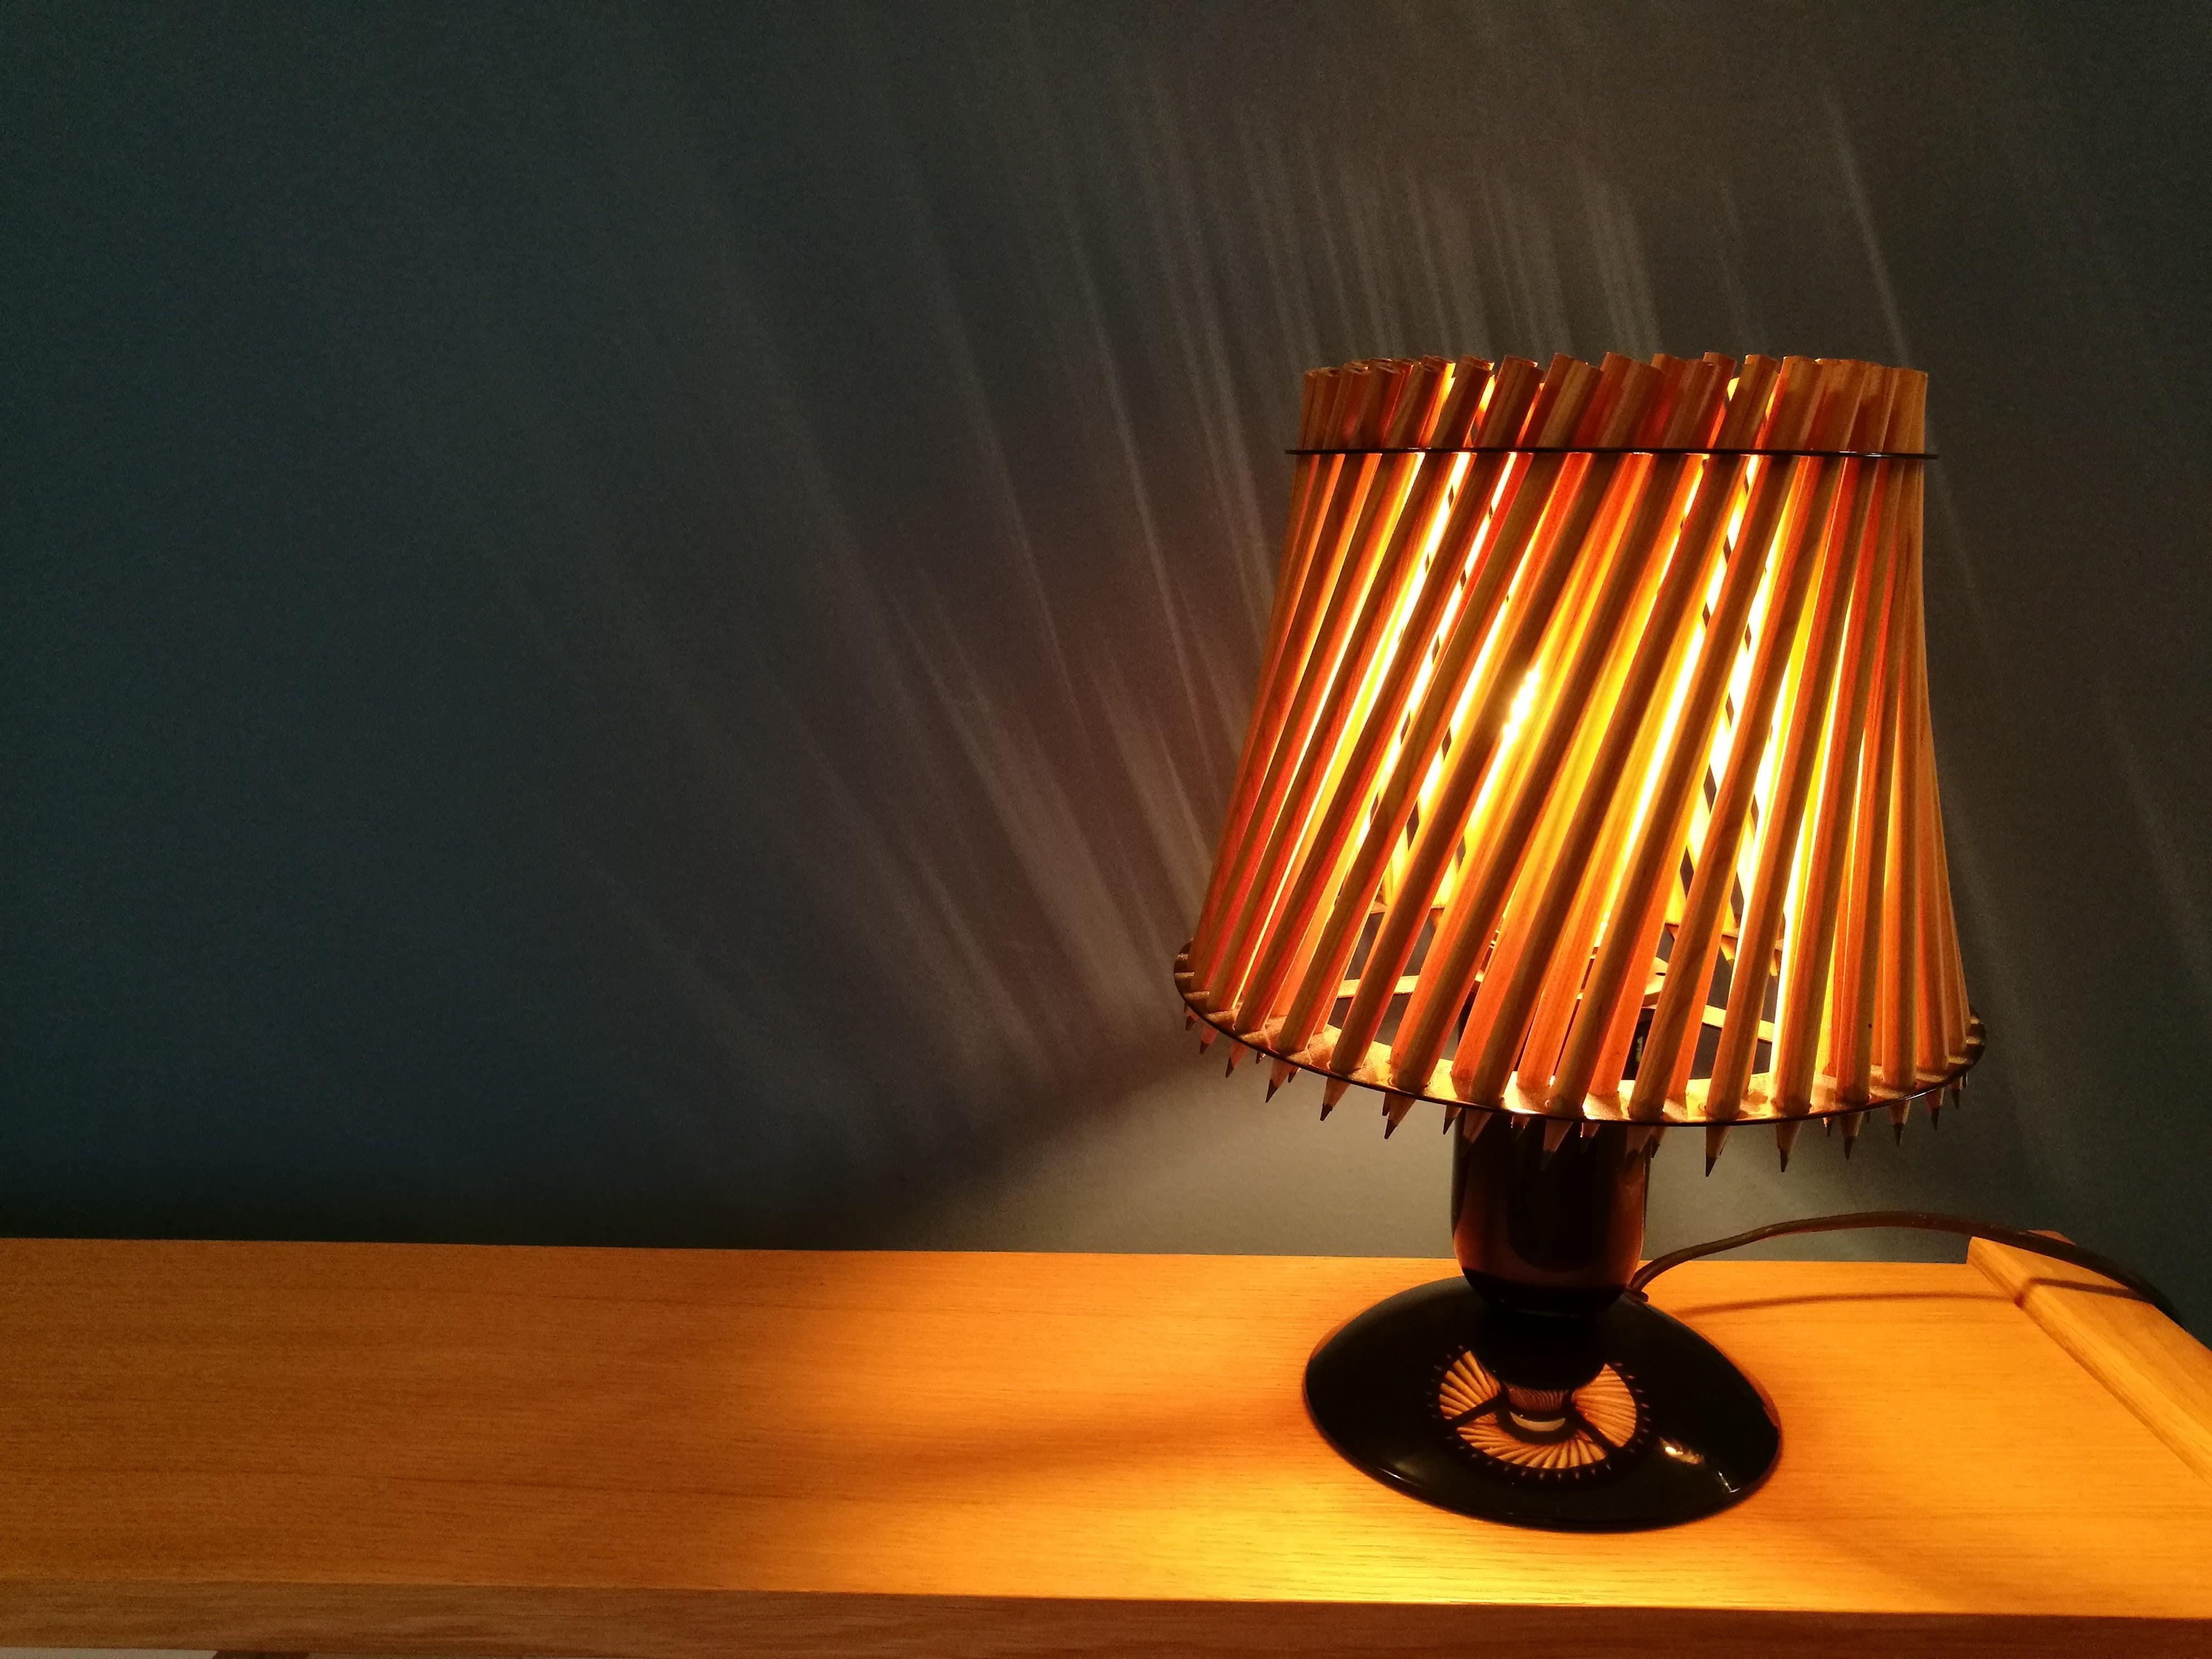 Ausgefallene Tischleuchte ausgefallene tischleuchte pencil lamp von tom rossau